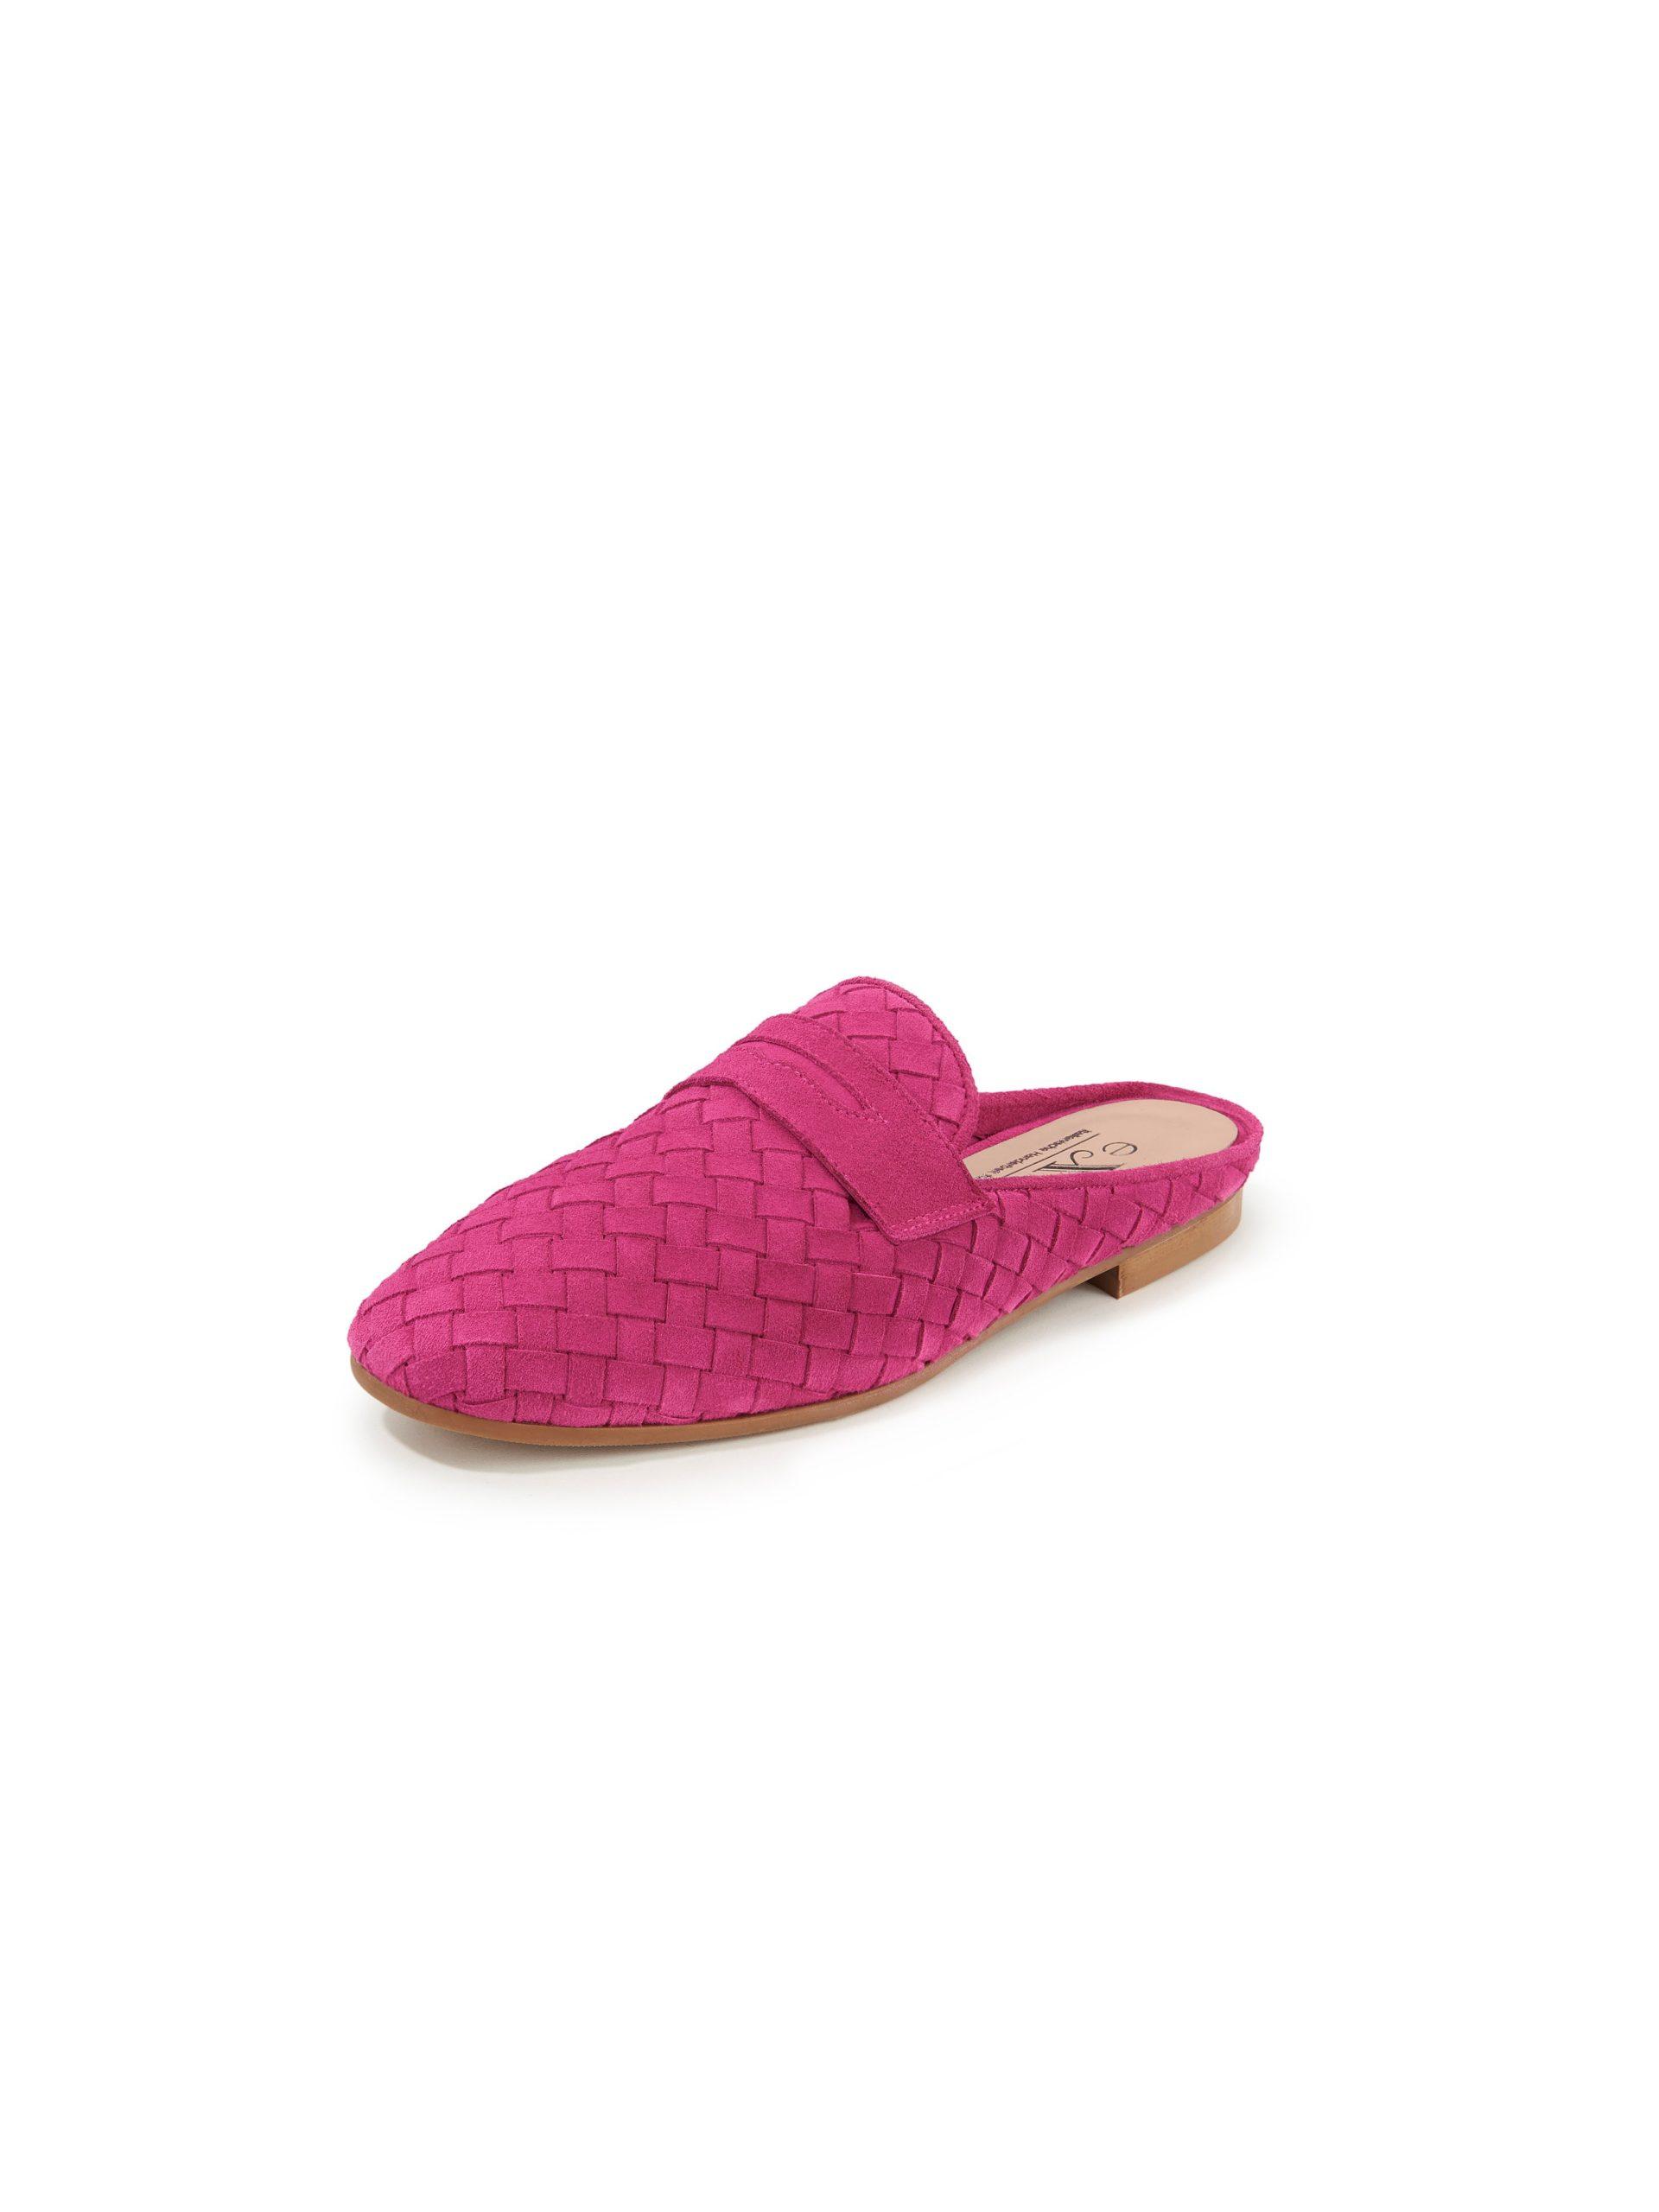 Gevlochten slippers van suèdeleren bandjes Van Peter Hahn exquisit roze Kopen